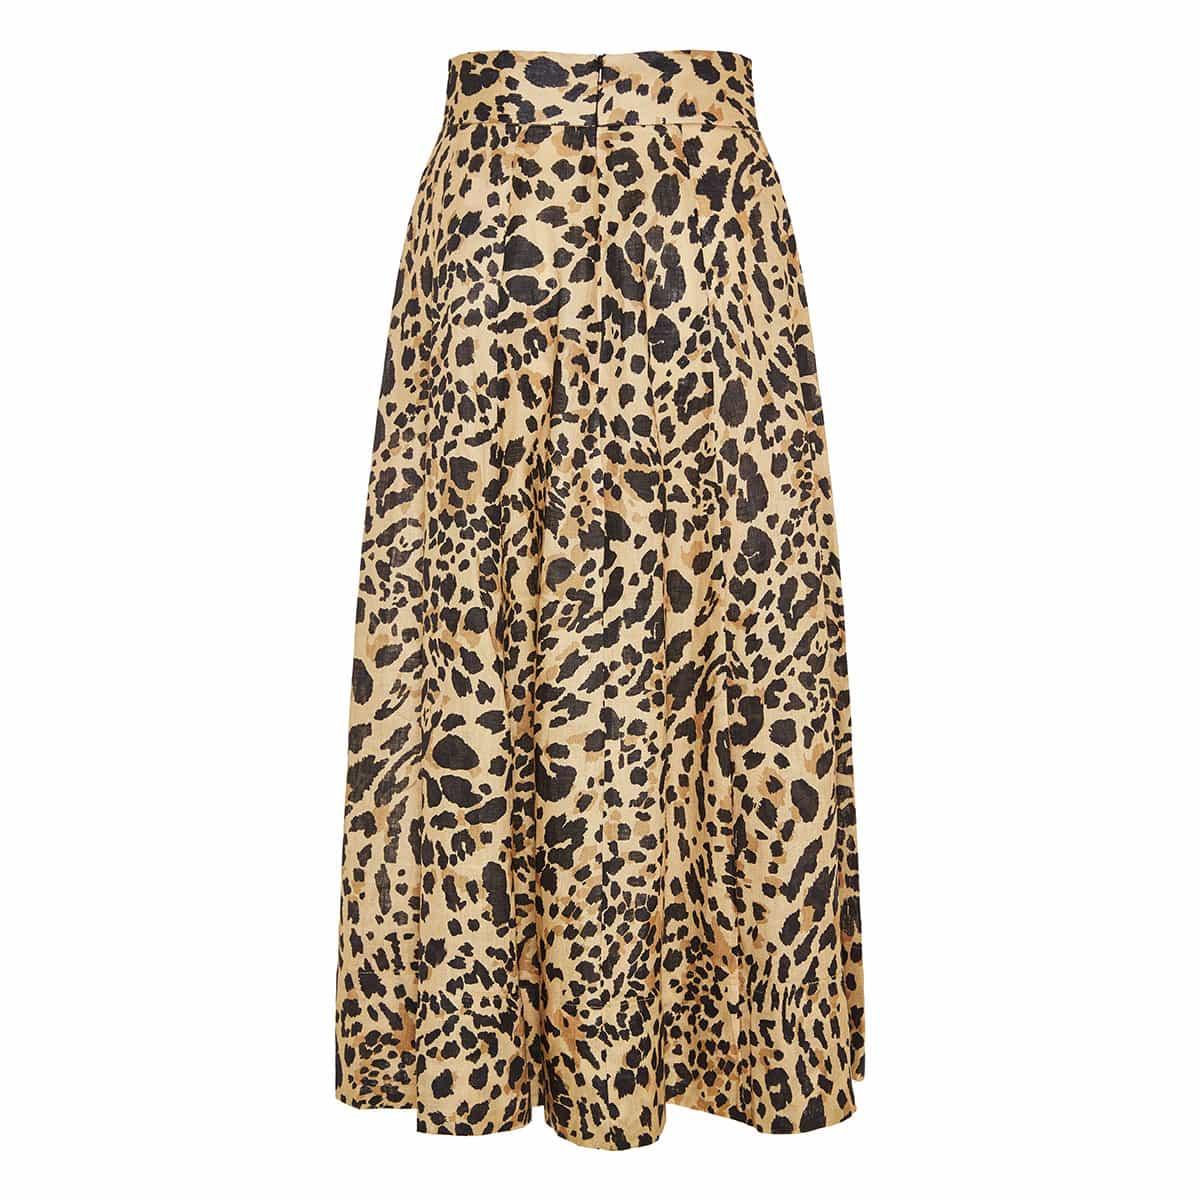 Leopard linen midi skirt